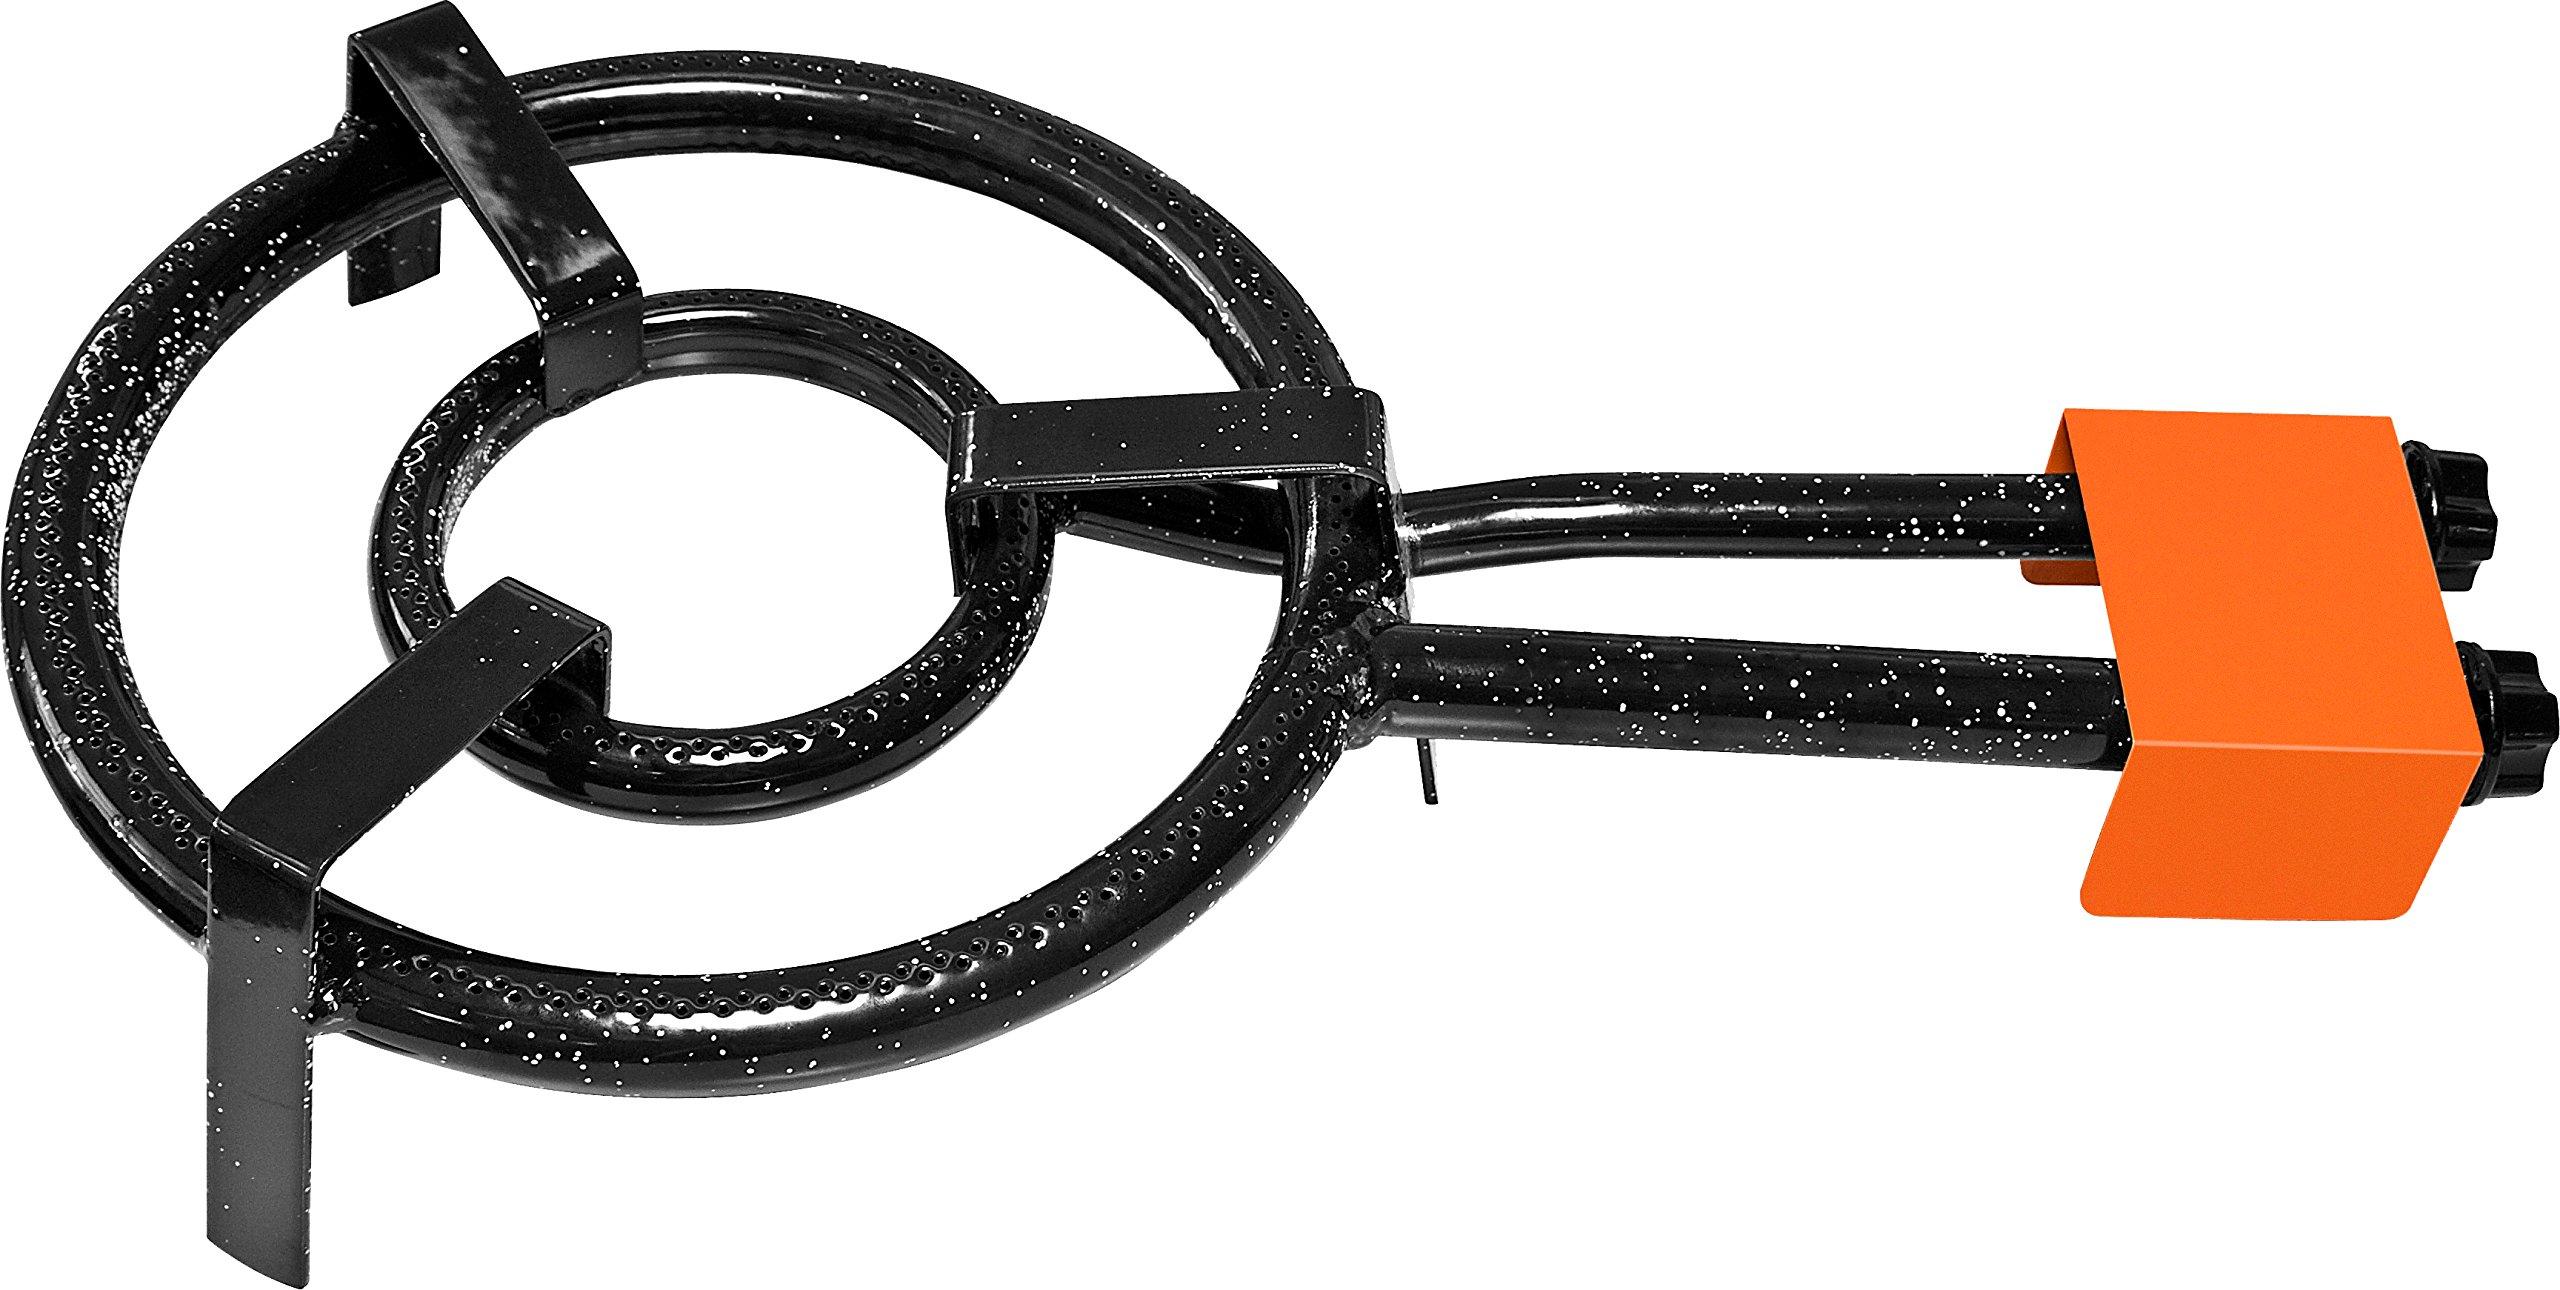 Garcima_Paella Dual Ring Natural Gas Burner, 30 cm